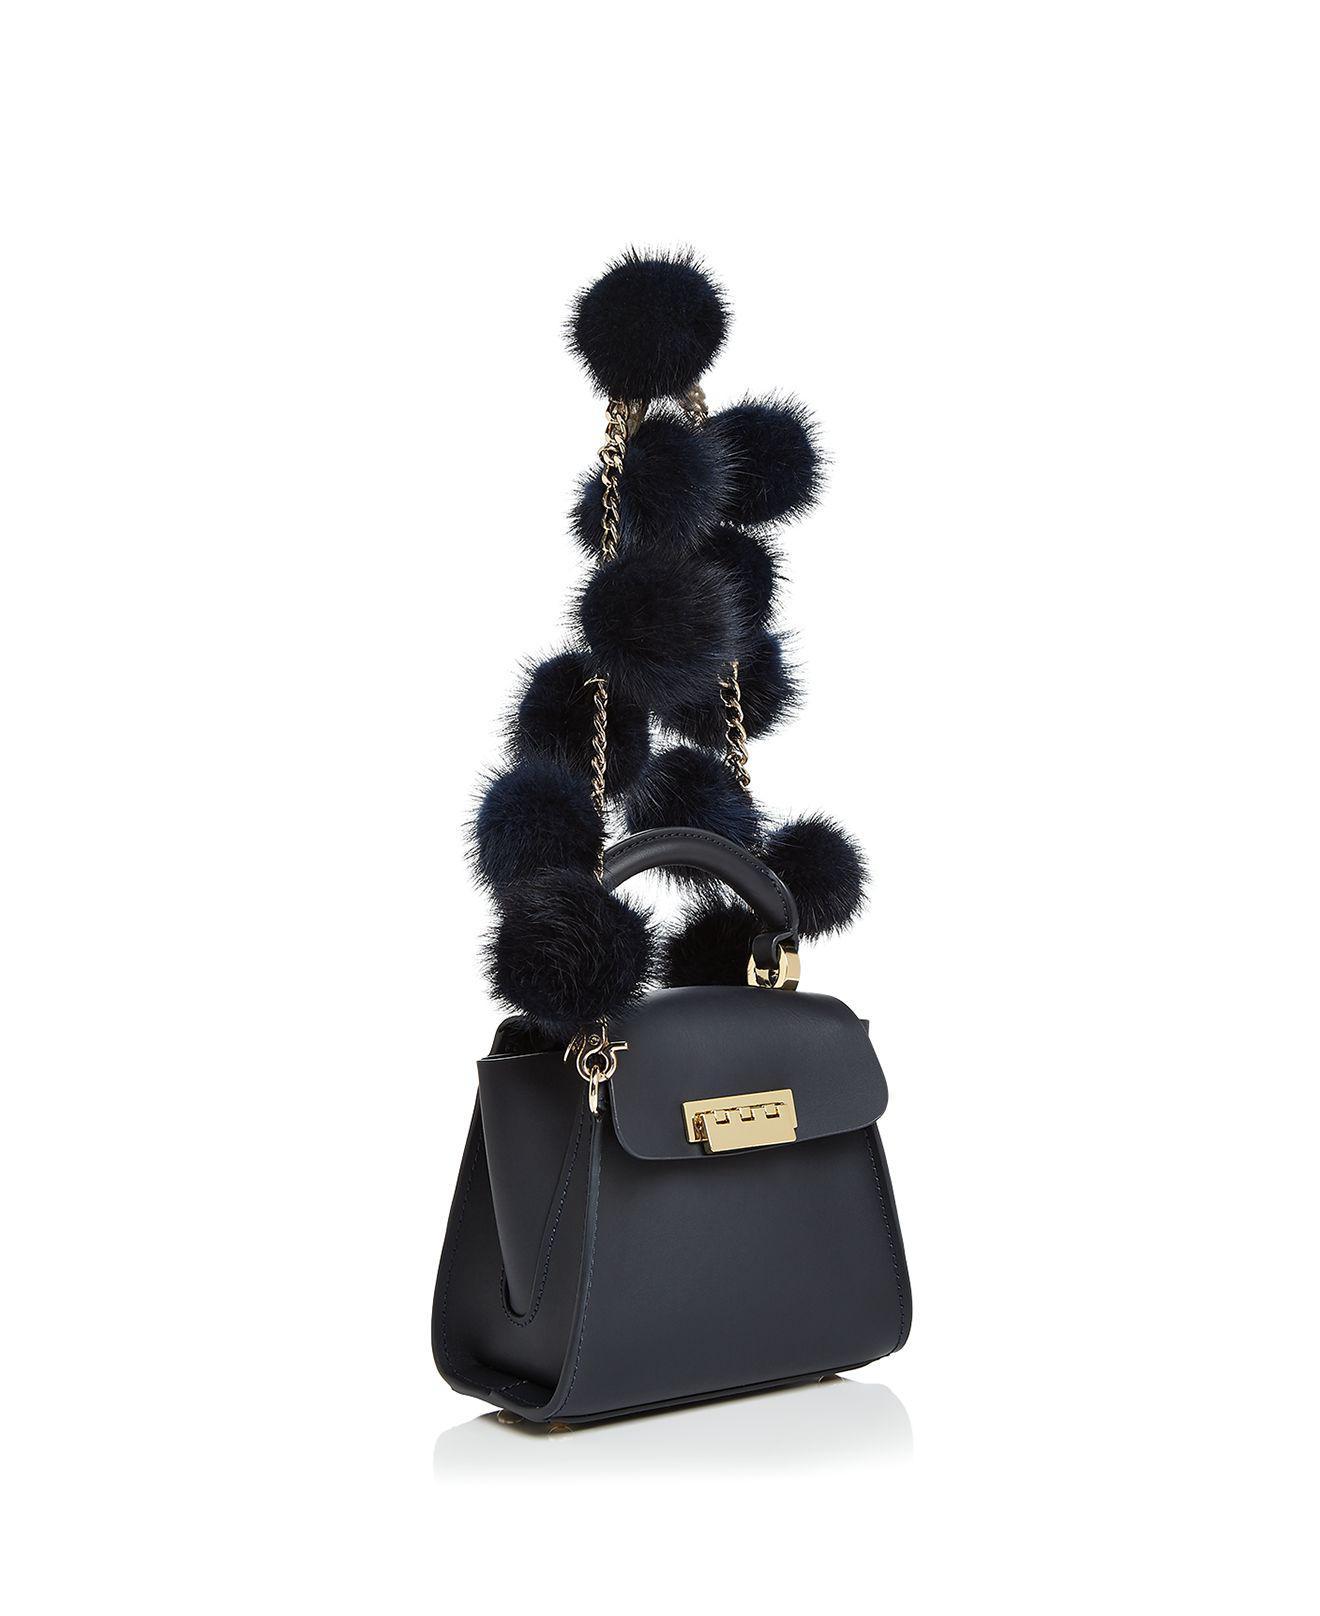 Zac Zac Posen Eartha Iconic Top Handle Fur Pom Pom Mini